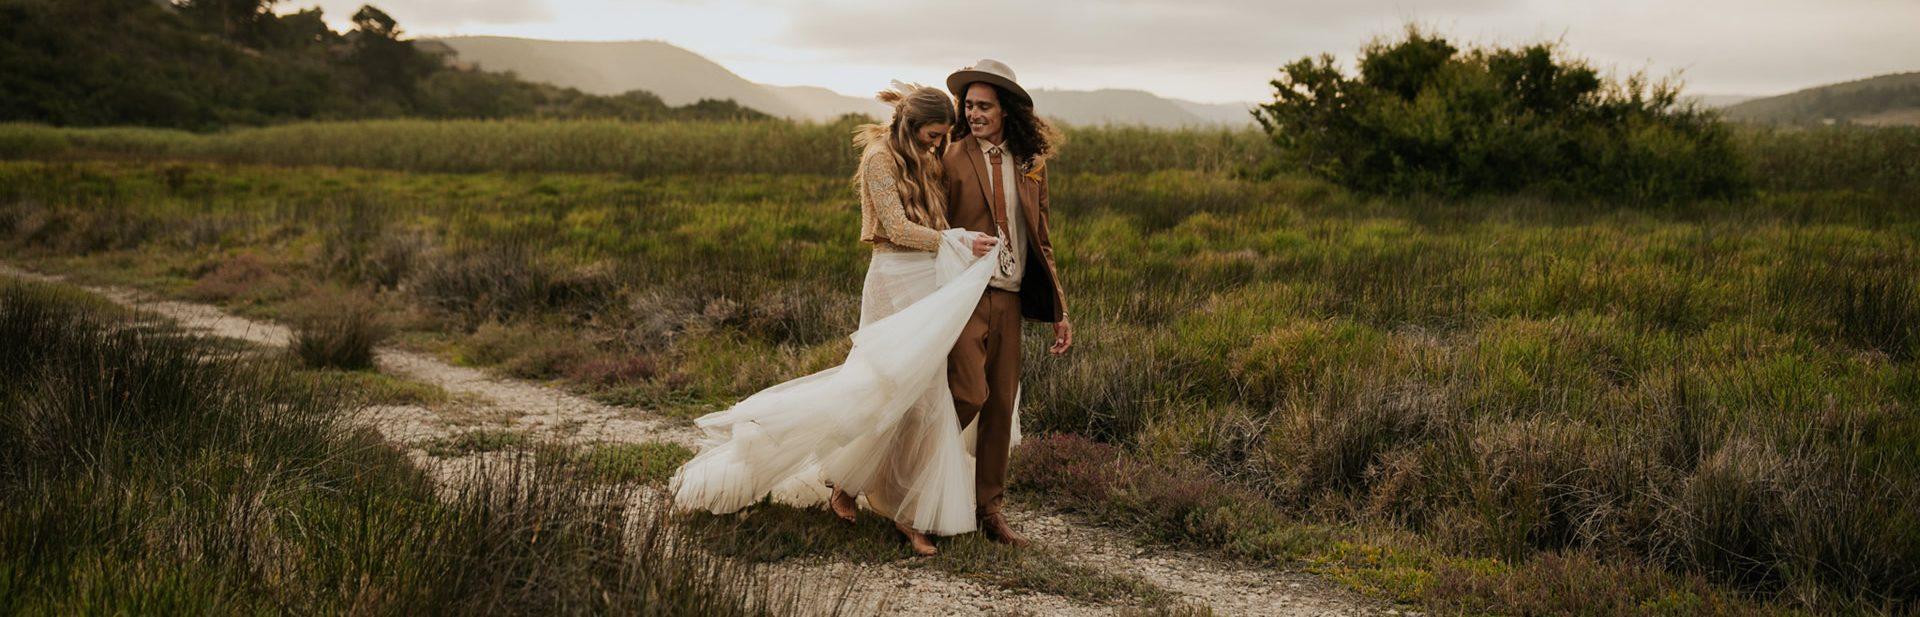 Weddings in Plett